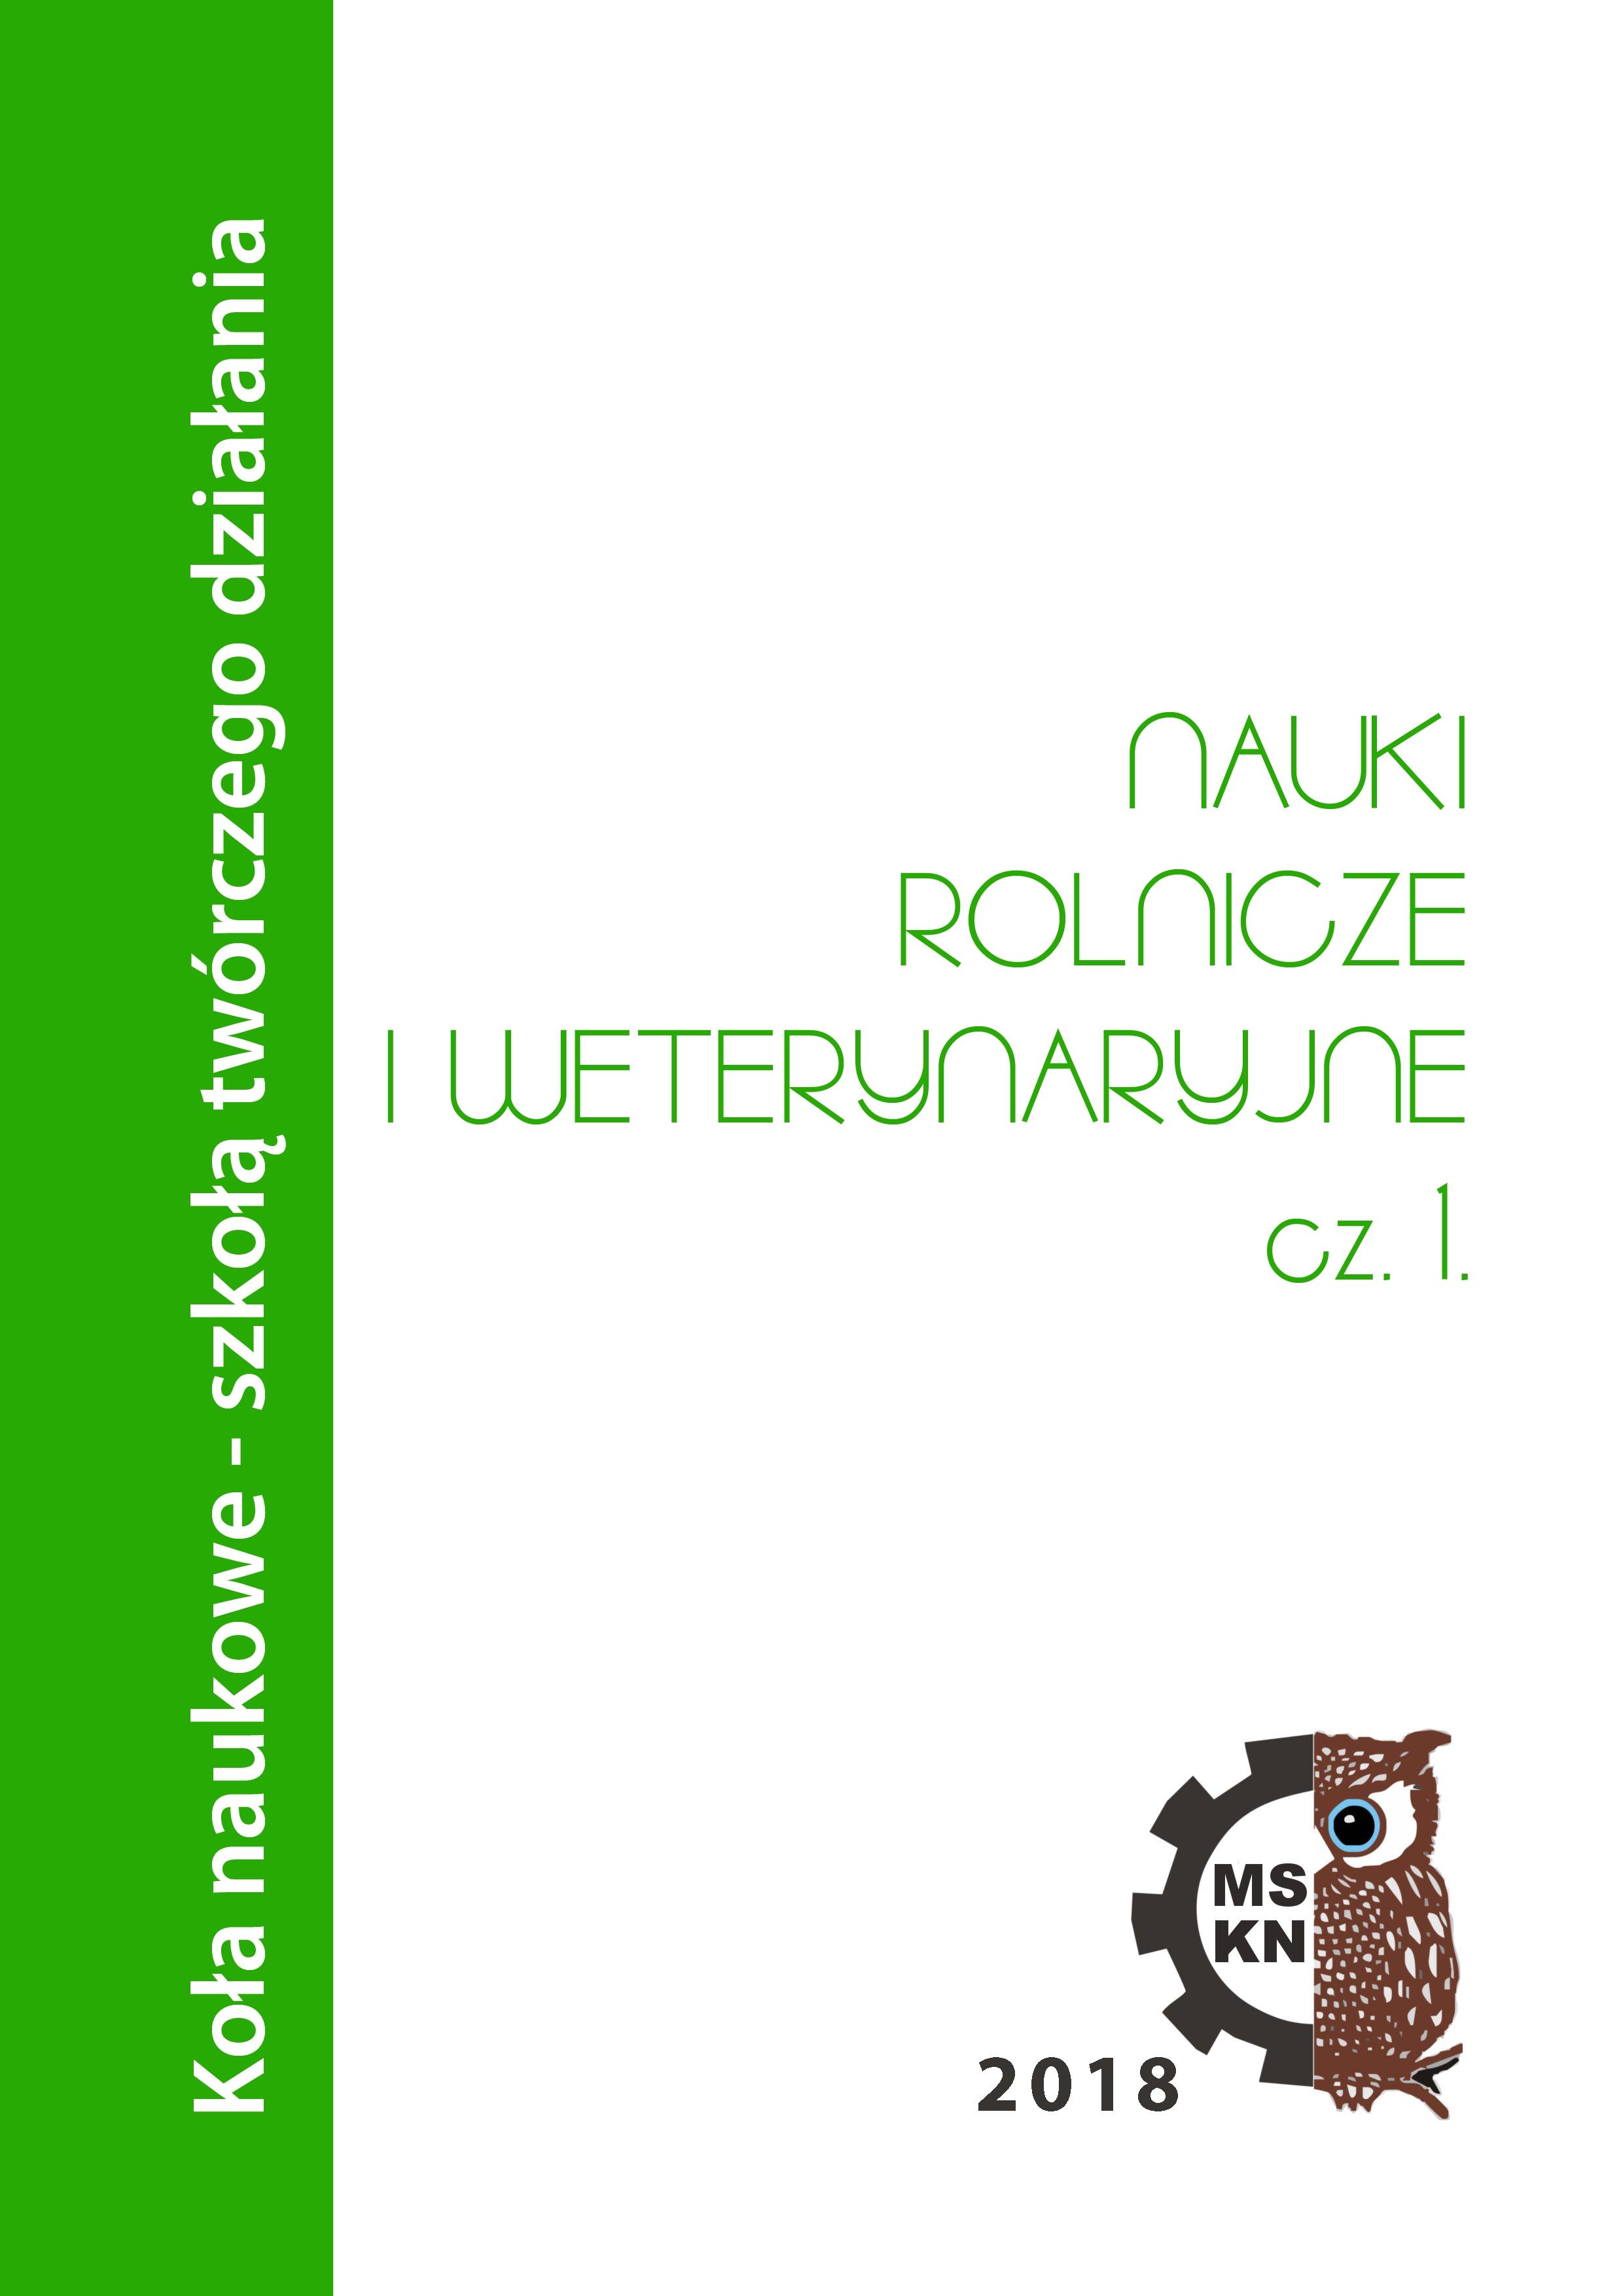 nauki rolnicze i wet 1 Ajpg